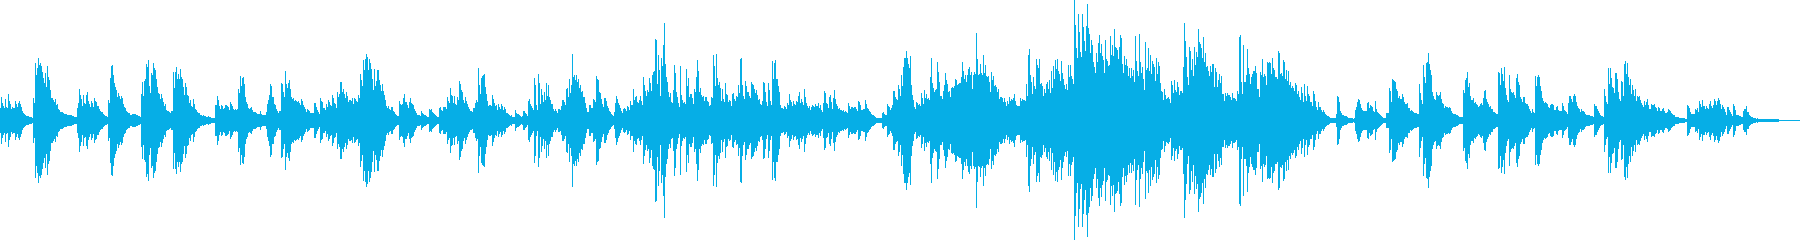 昼ドラで流れてそうな悲しいピアノソロ曲の再生済みの波形